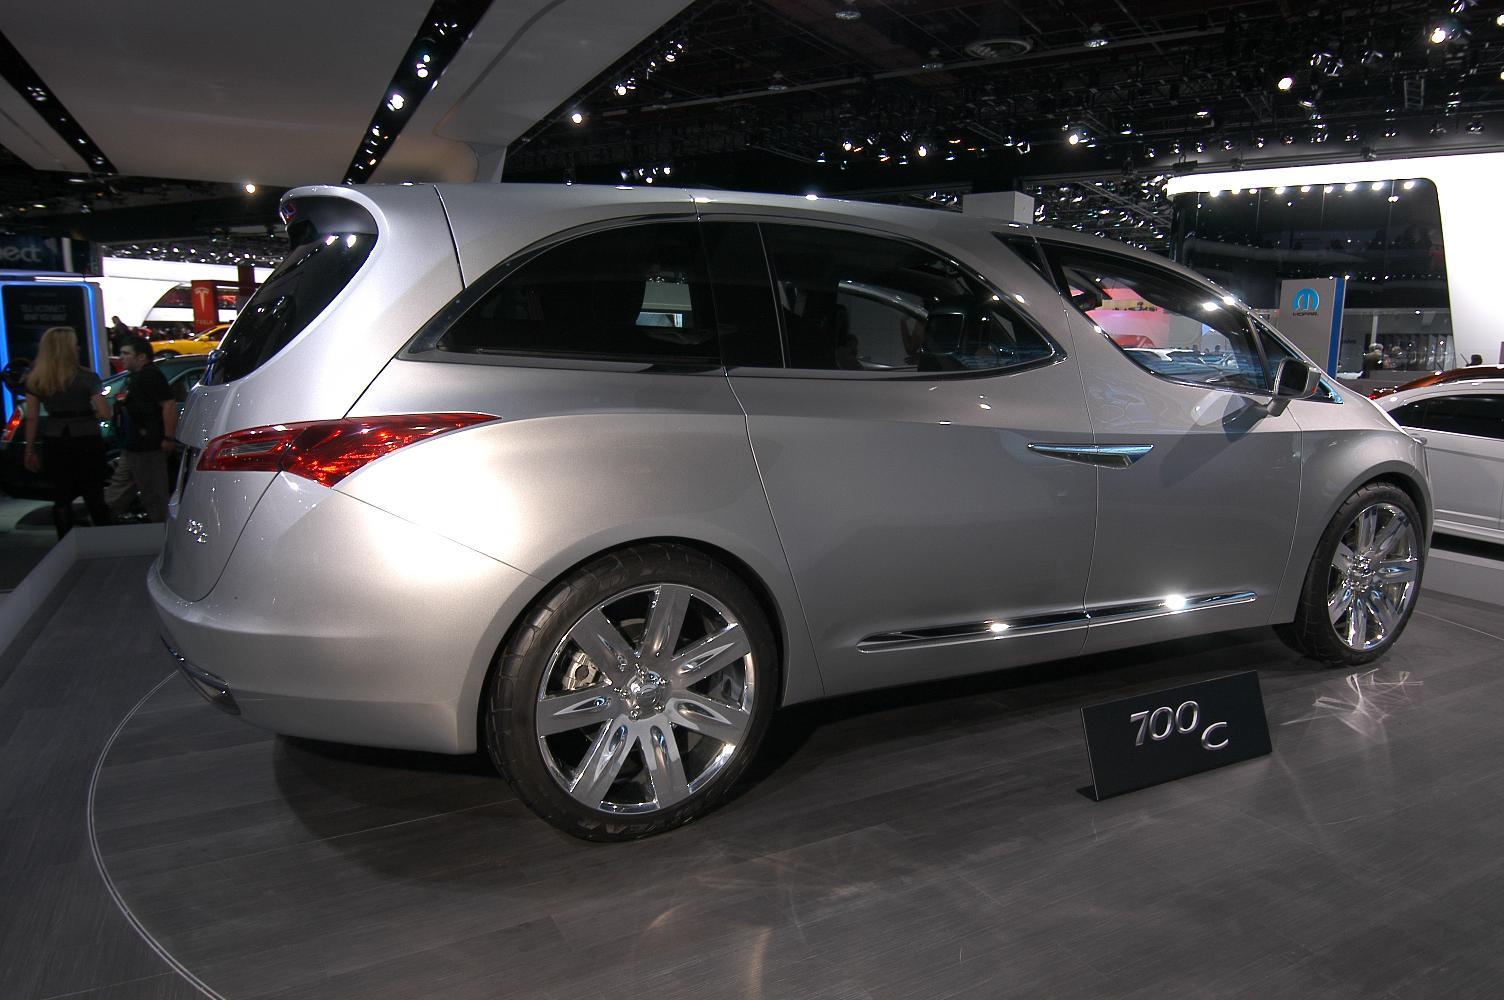 Chrysler 700C NAIAS 2012